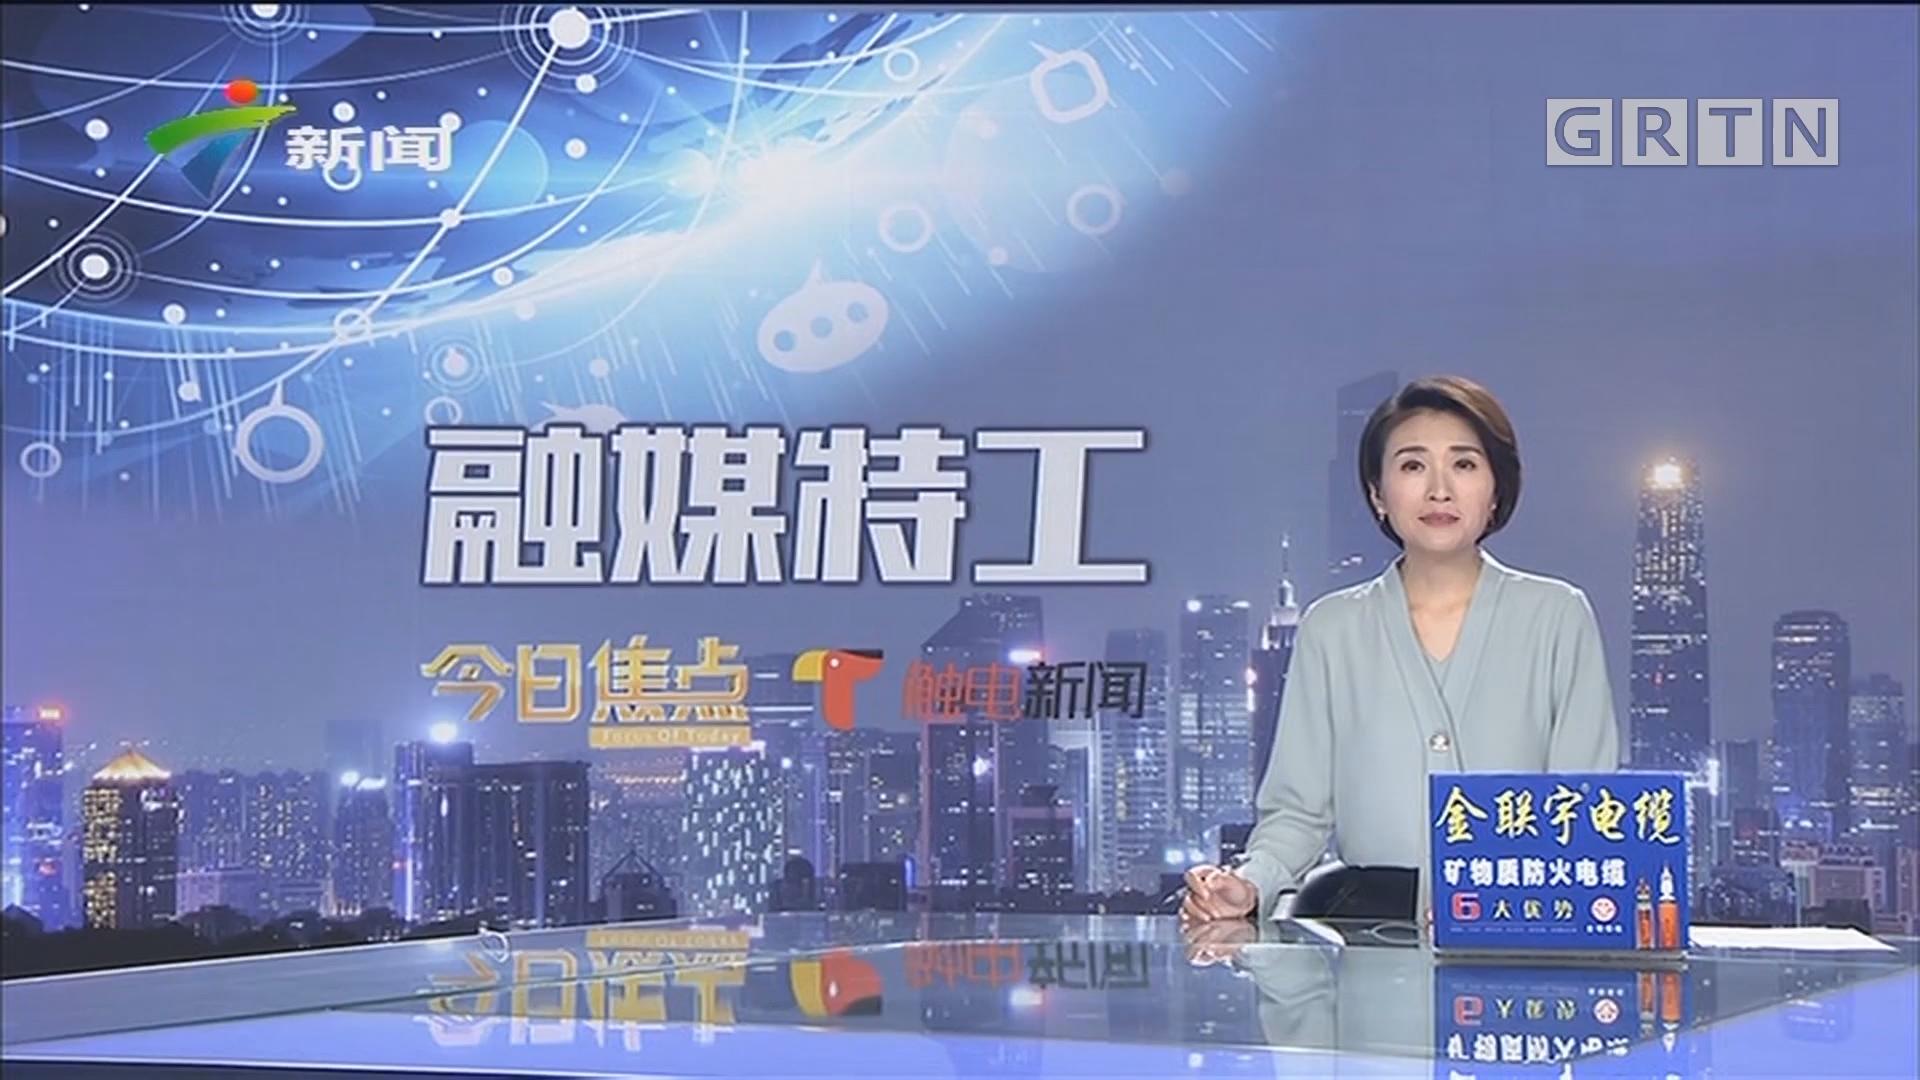 融媒特工——热门新闻视频